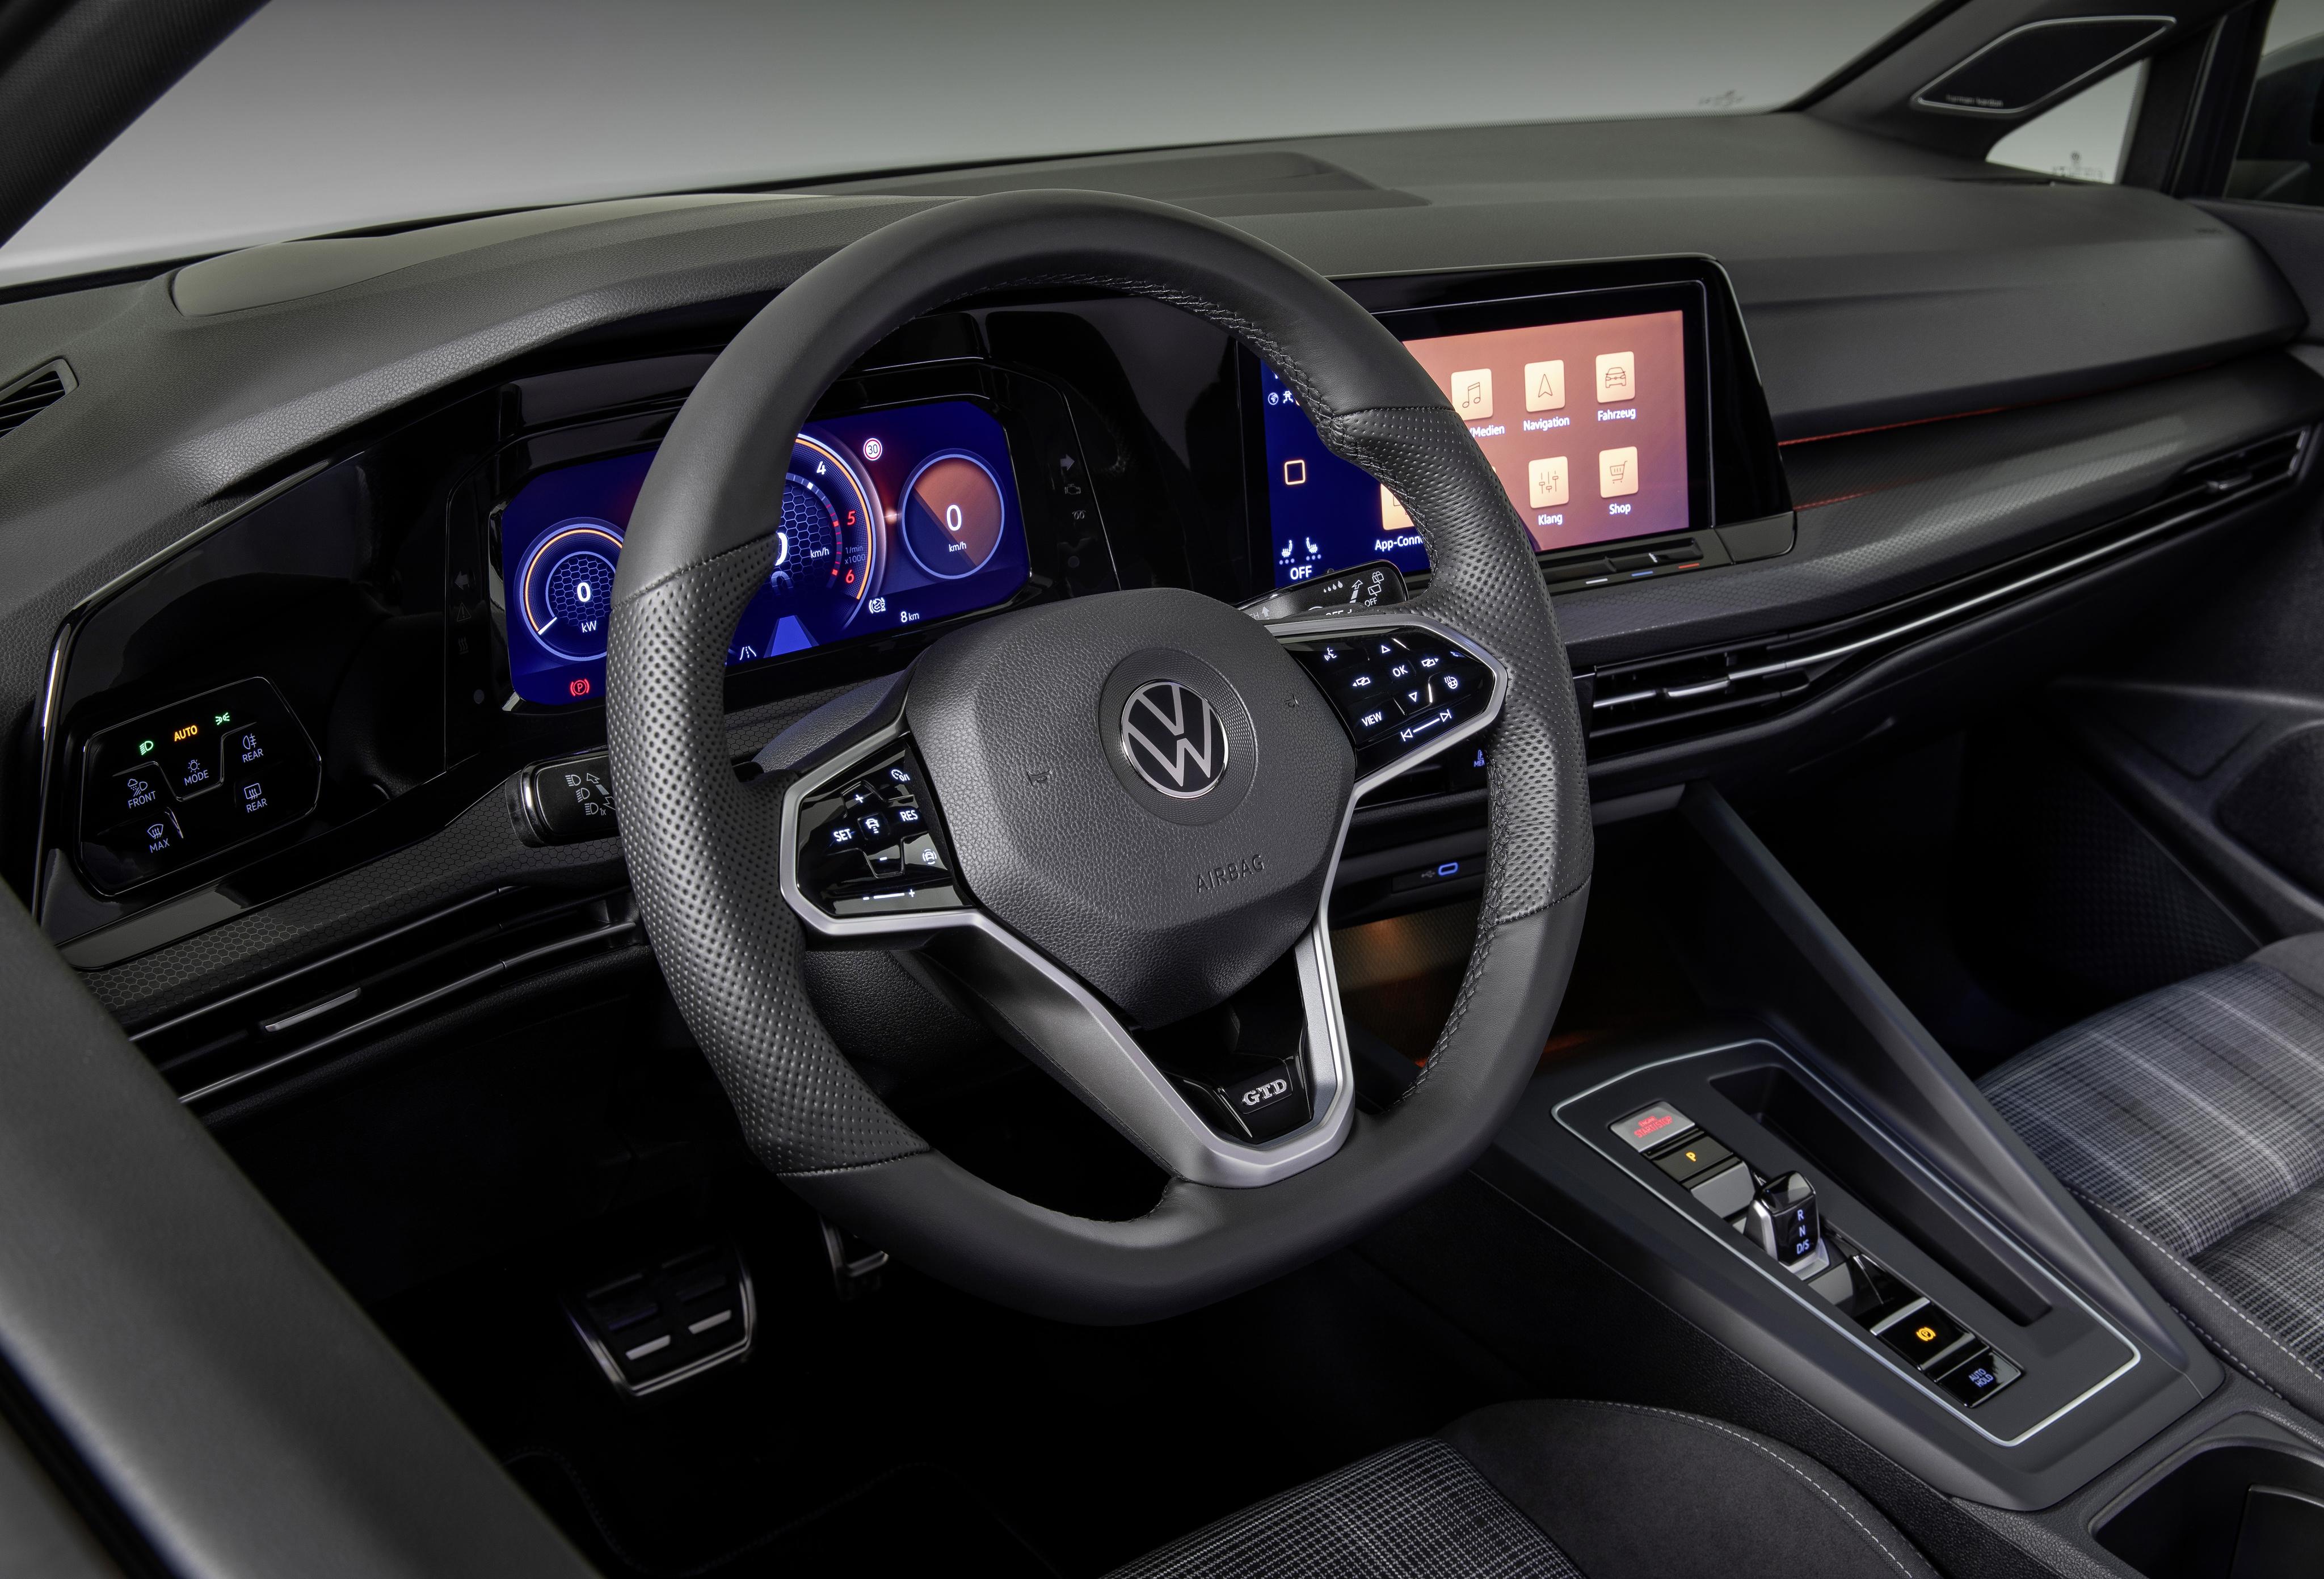 The new Volkswagen Golf GTD